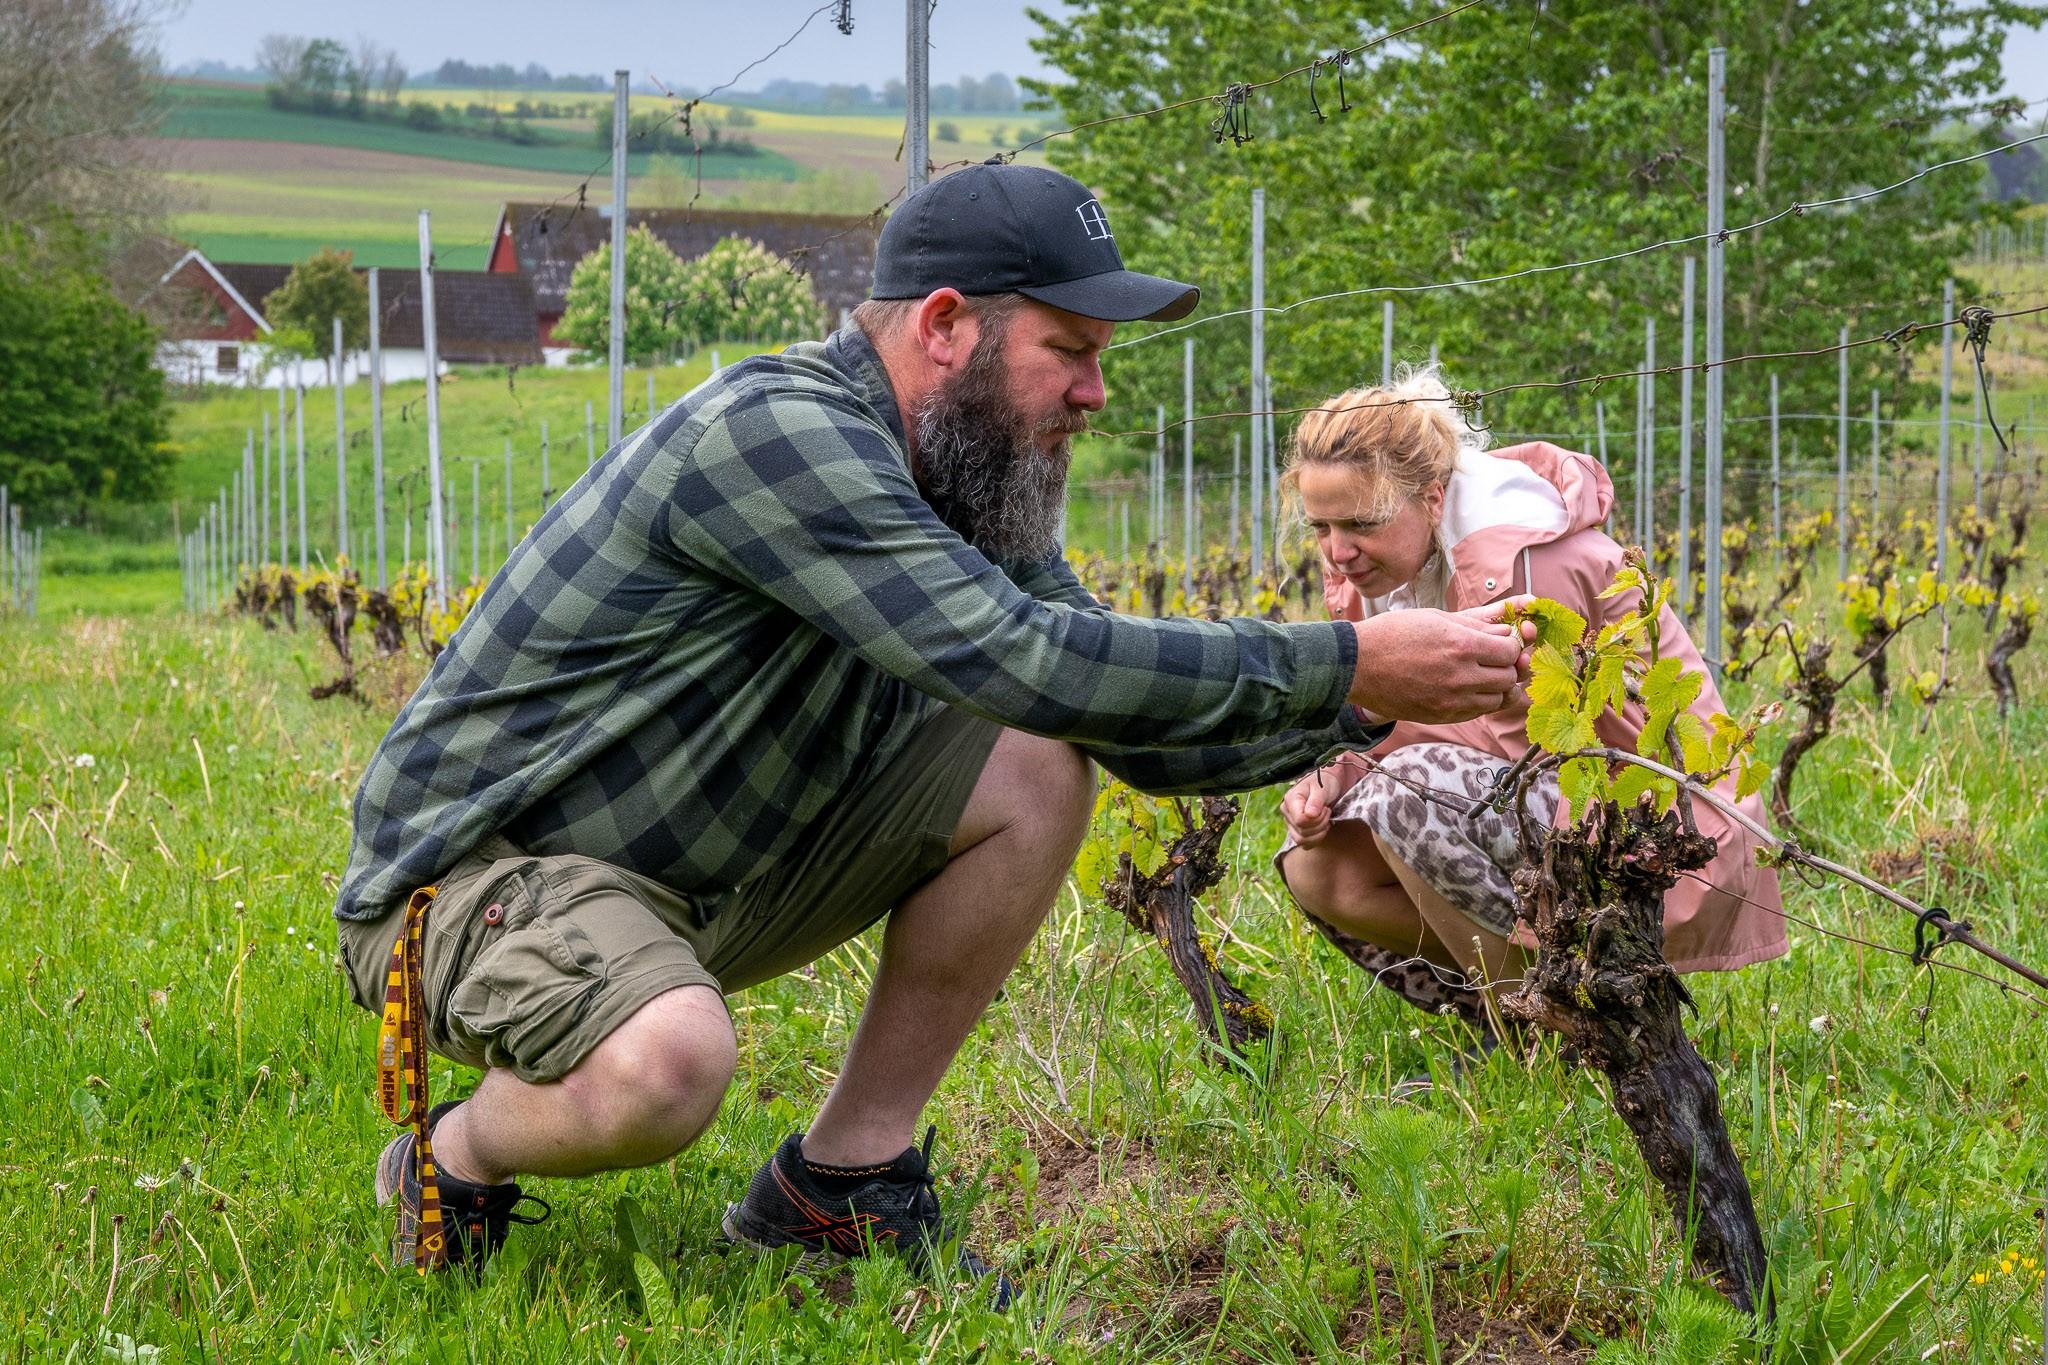 Mick och Joanna Daly tittar till Hällåkras vindruvsstockar ända fram till höstens skördetid. - Skörden brukar pågå under en månads tid, säger Joanna Daly. Ibland ända in i november. Det är väldigt väderberoende.